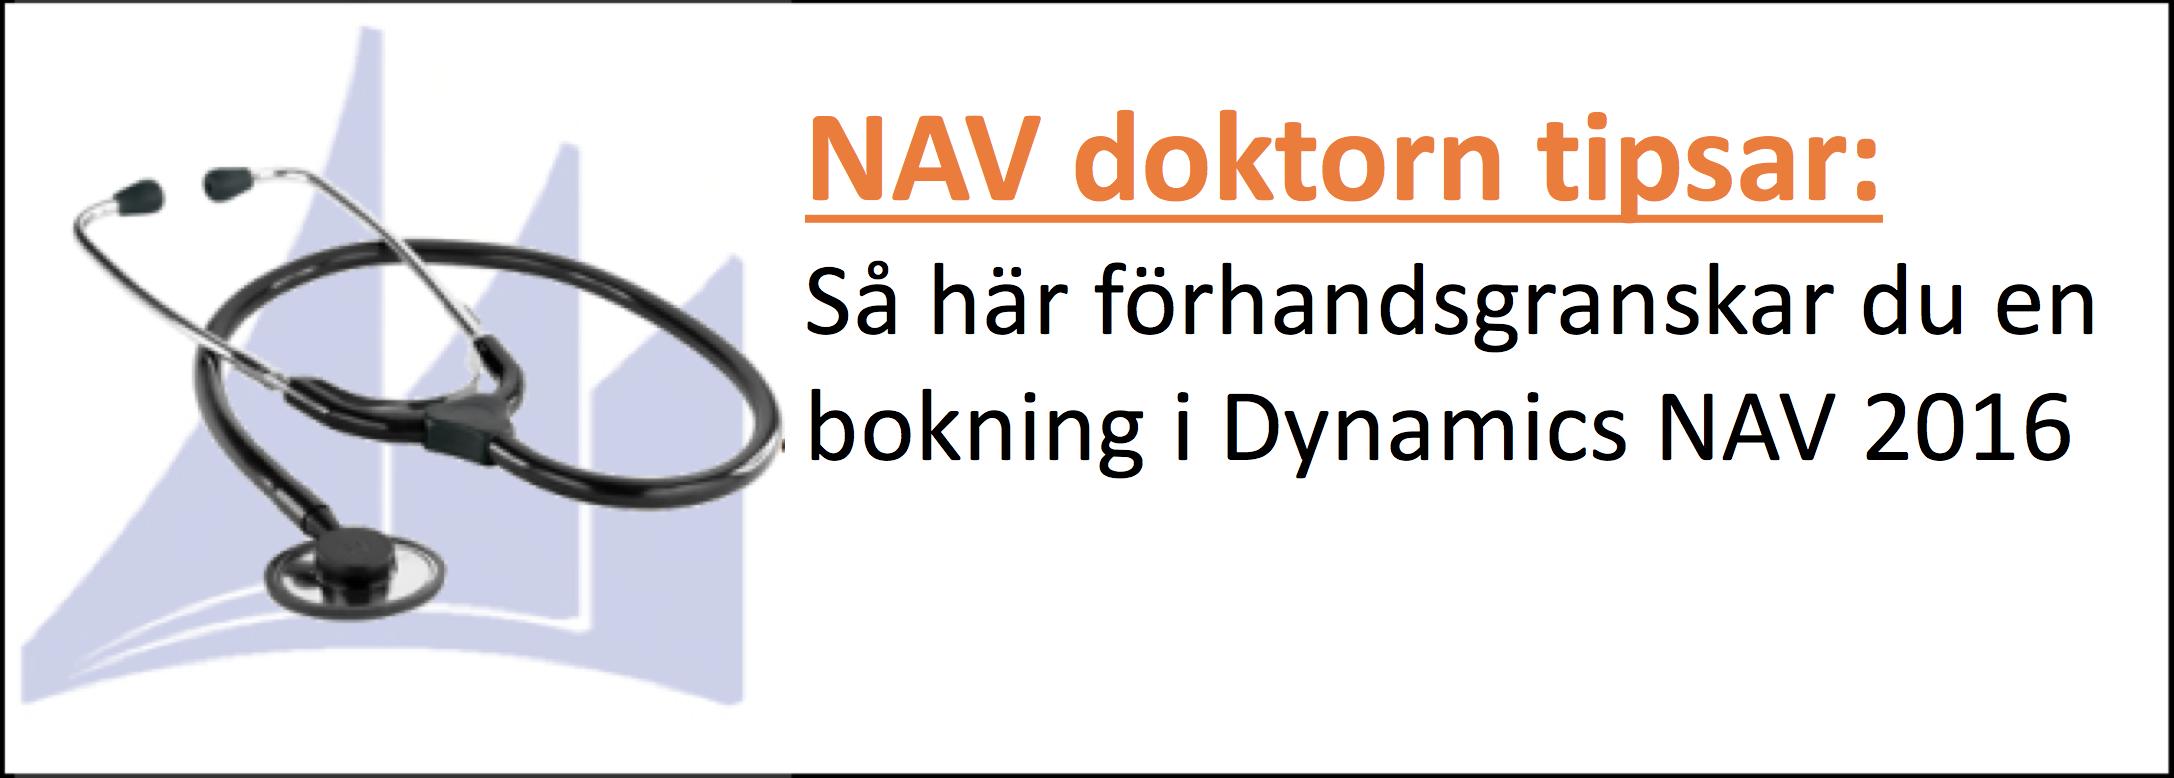 Så här förhandsgranskar du en bokning i Dynamics NAV 2016